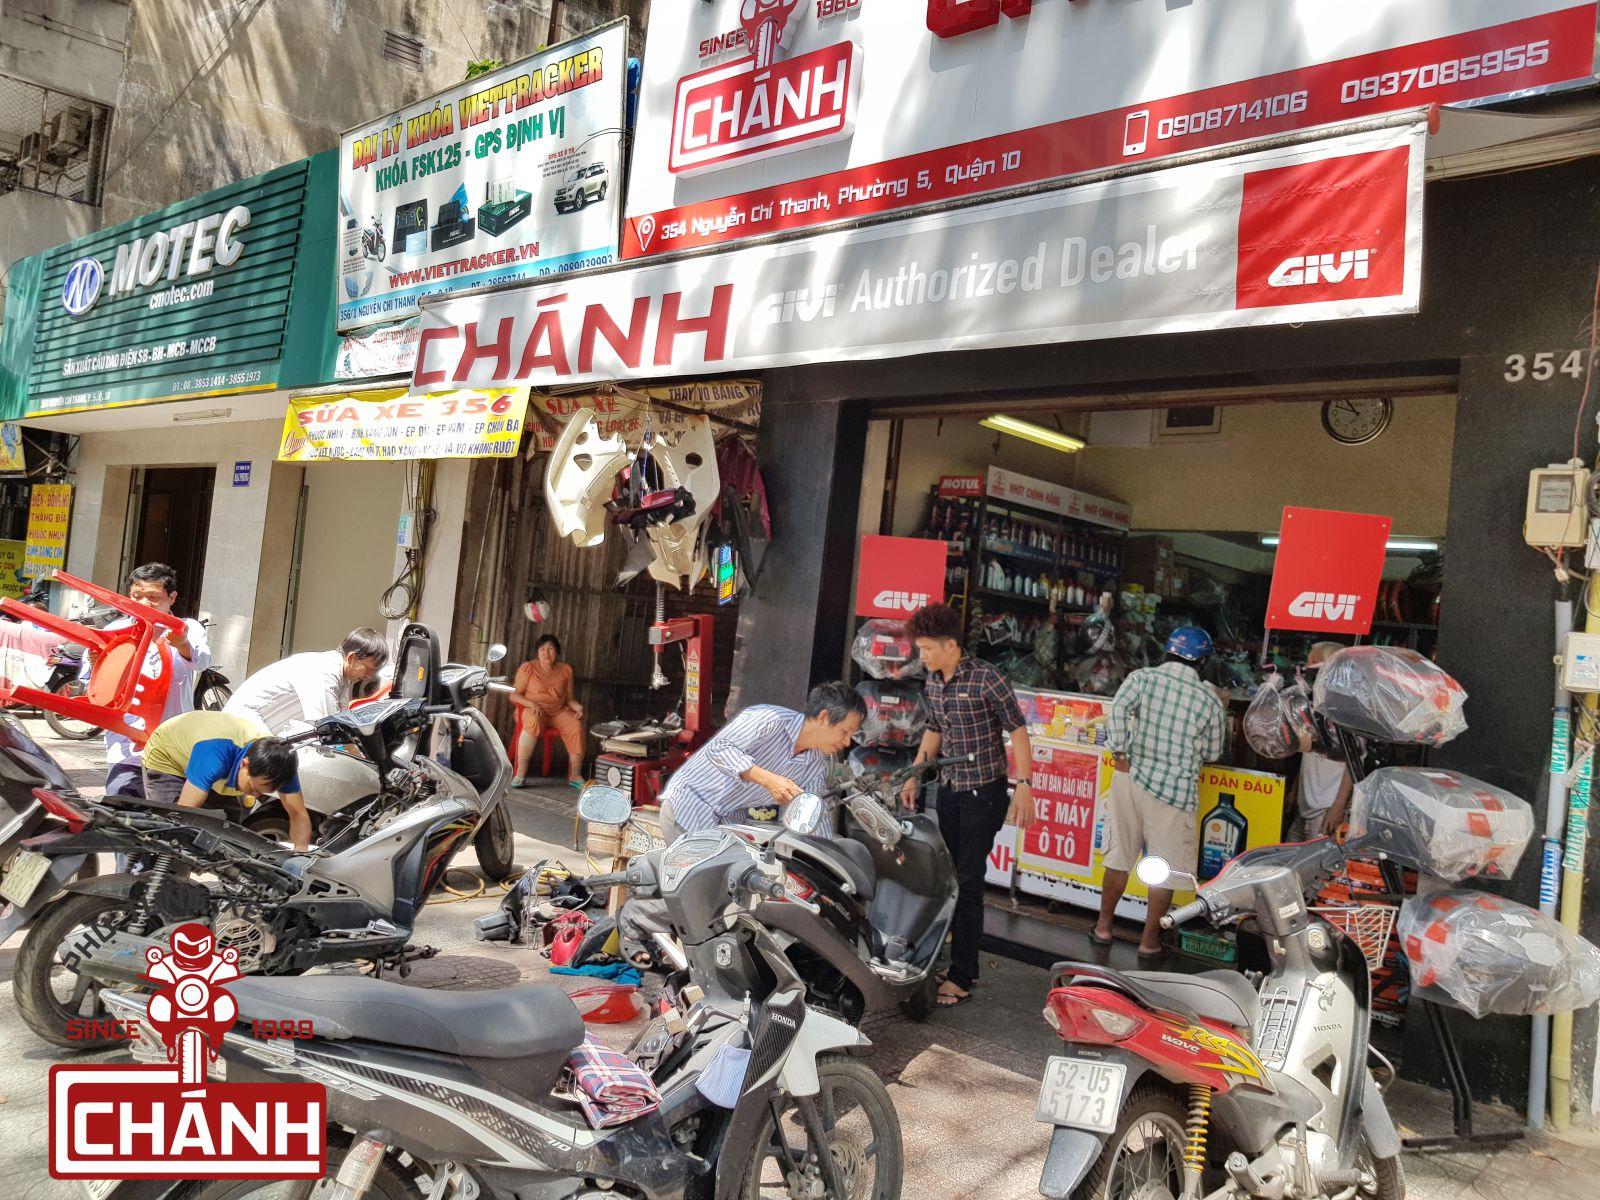 phu-tung-xe-may-chanh-quan-10-ho-chi-minh-nhot-xe-may-chinh-hang(1)